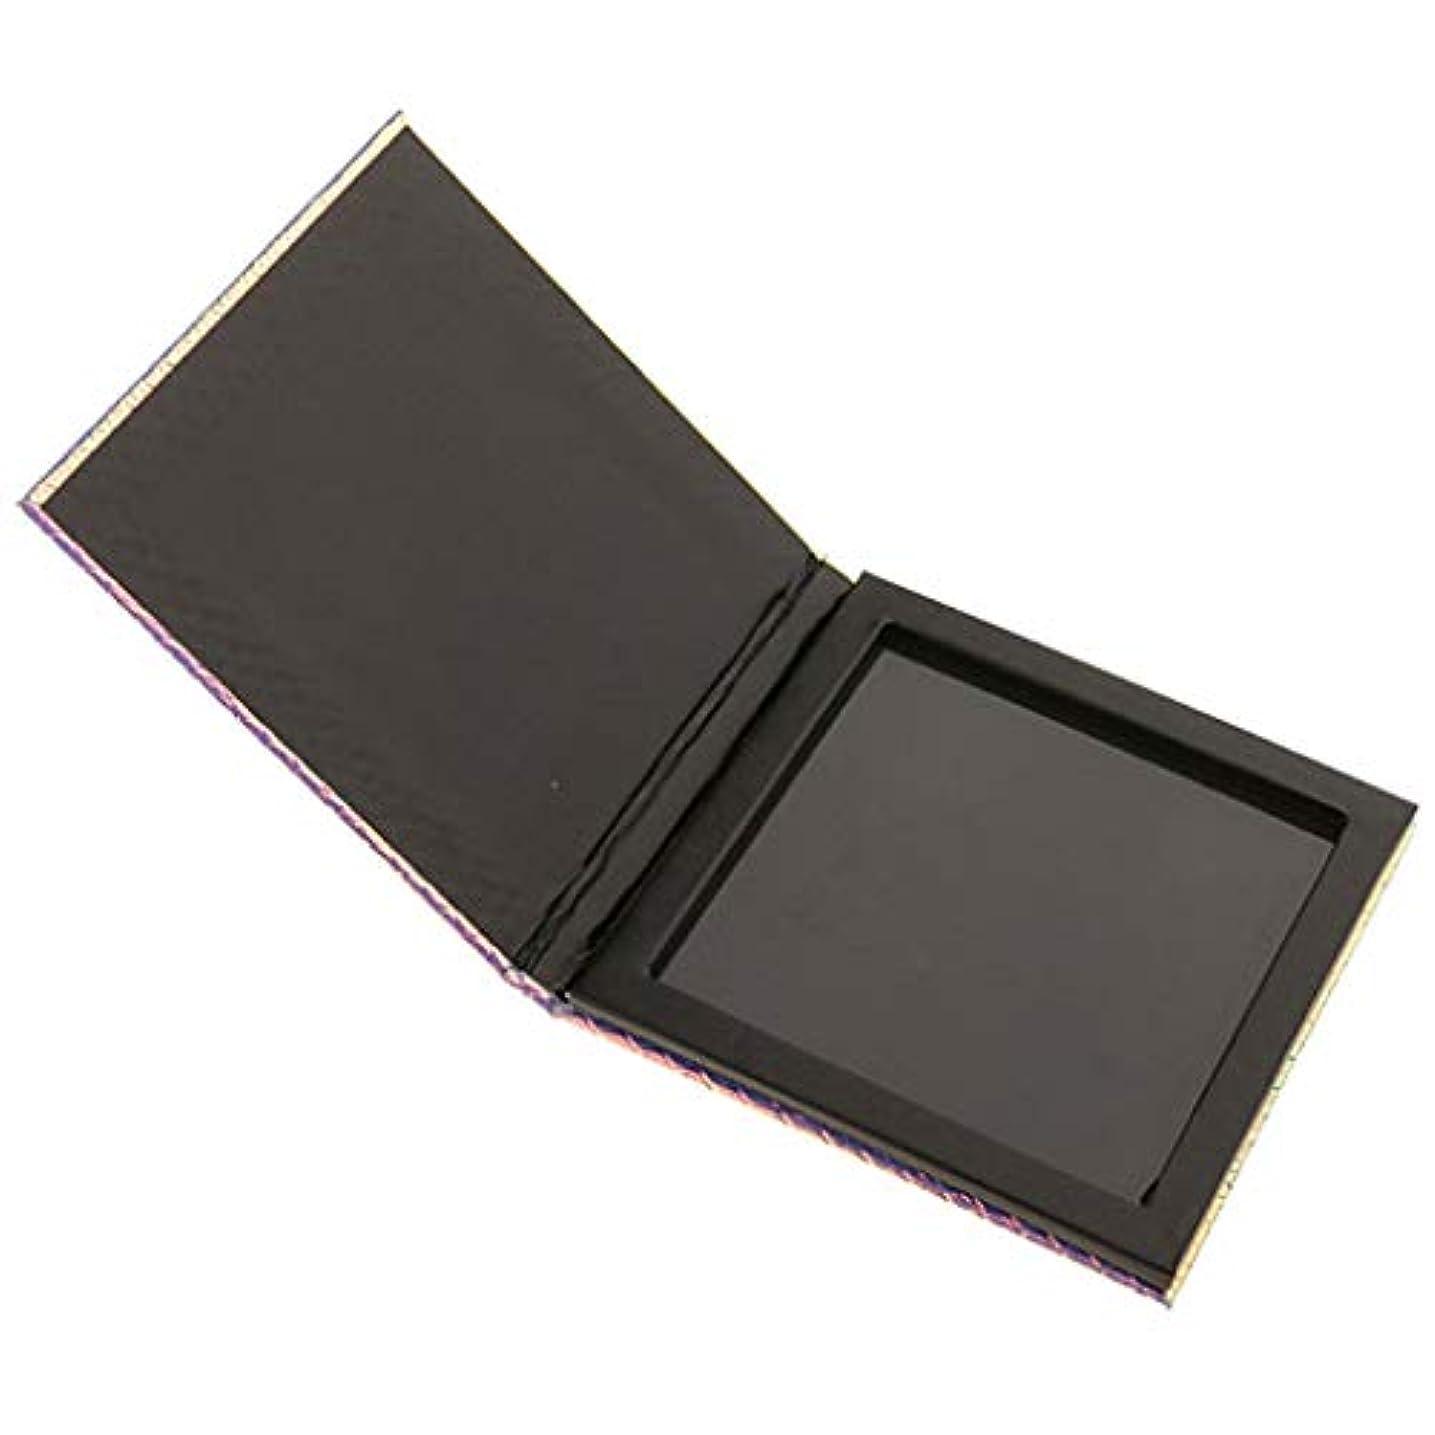 好きであるガチョウ結果として空の磁気パレット化粧パレットパッドヒョウ大パターンDIYパレット新しい